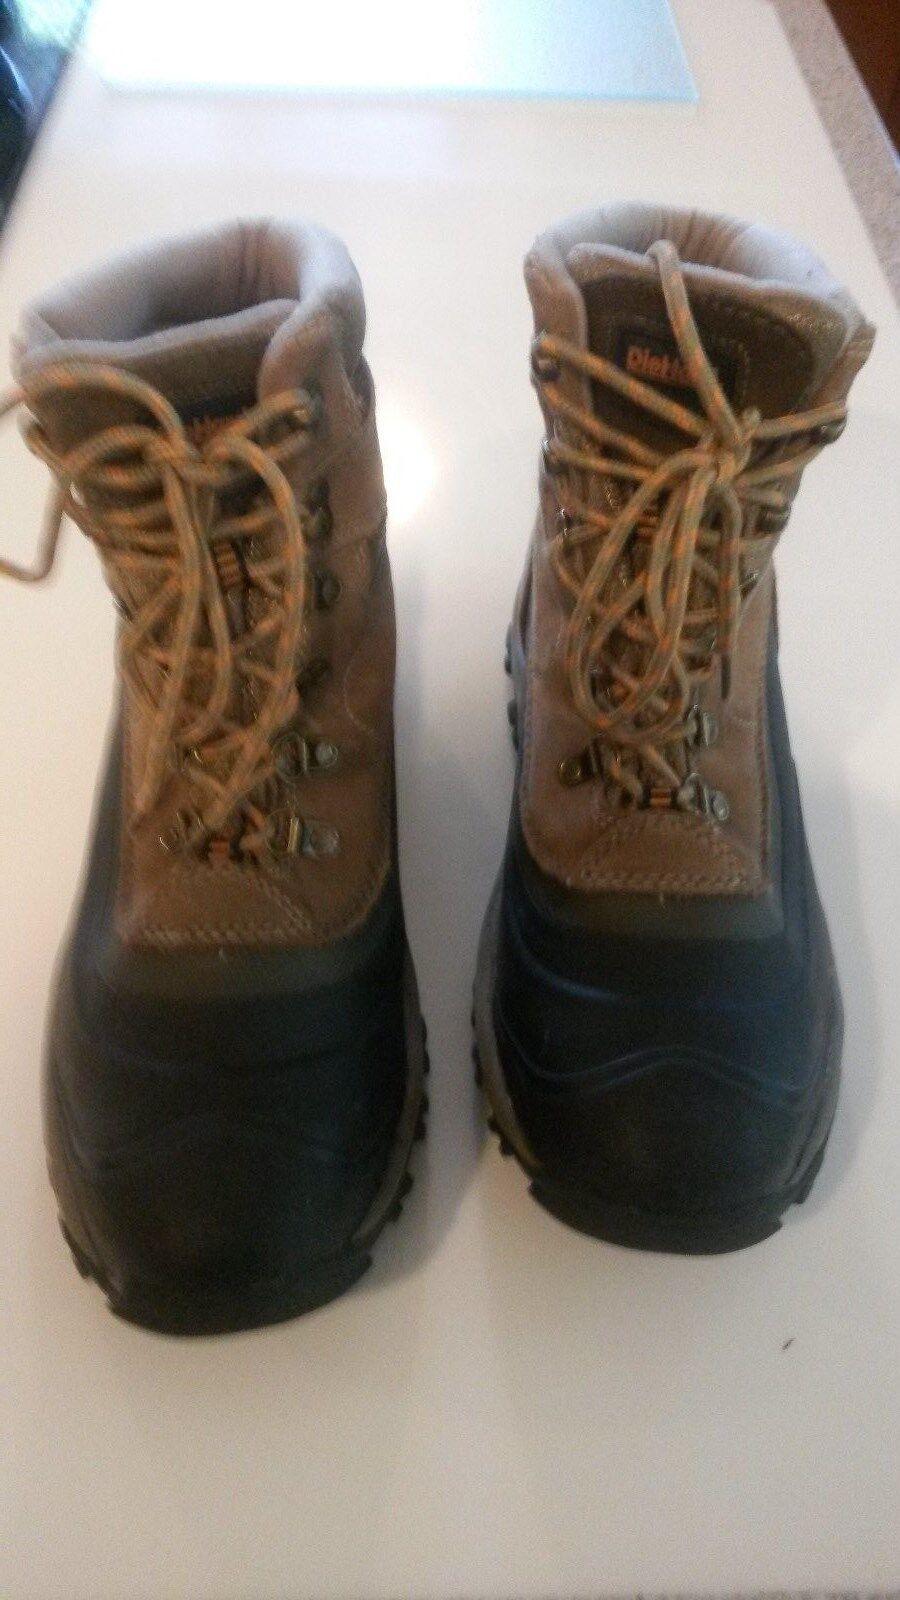 Die Hard Korbin 3 TAUPE  Waterproof High Top Hiking TRAIL Boots US 12 EUR 46 NEW